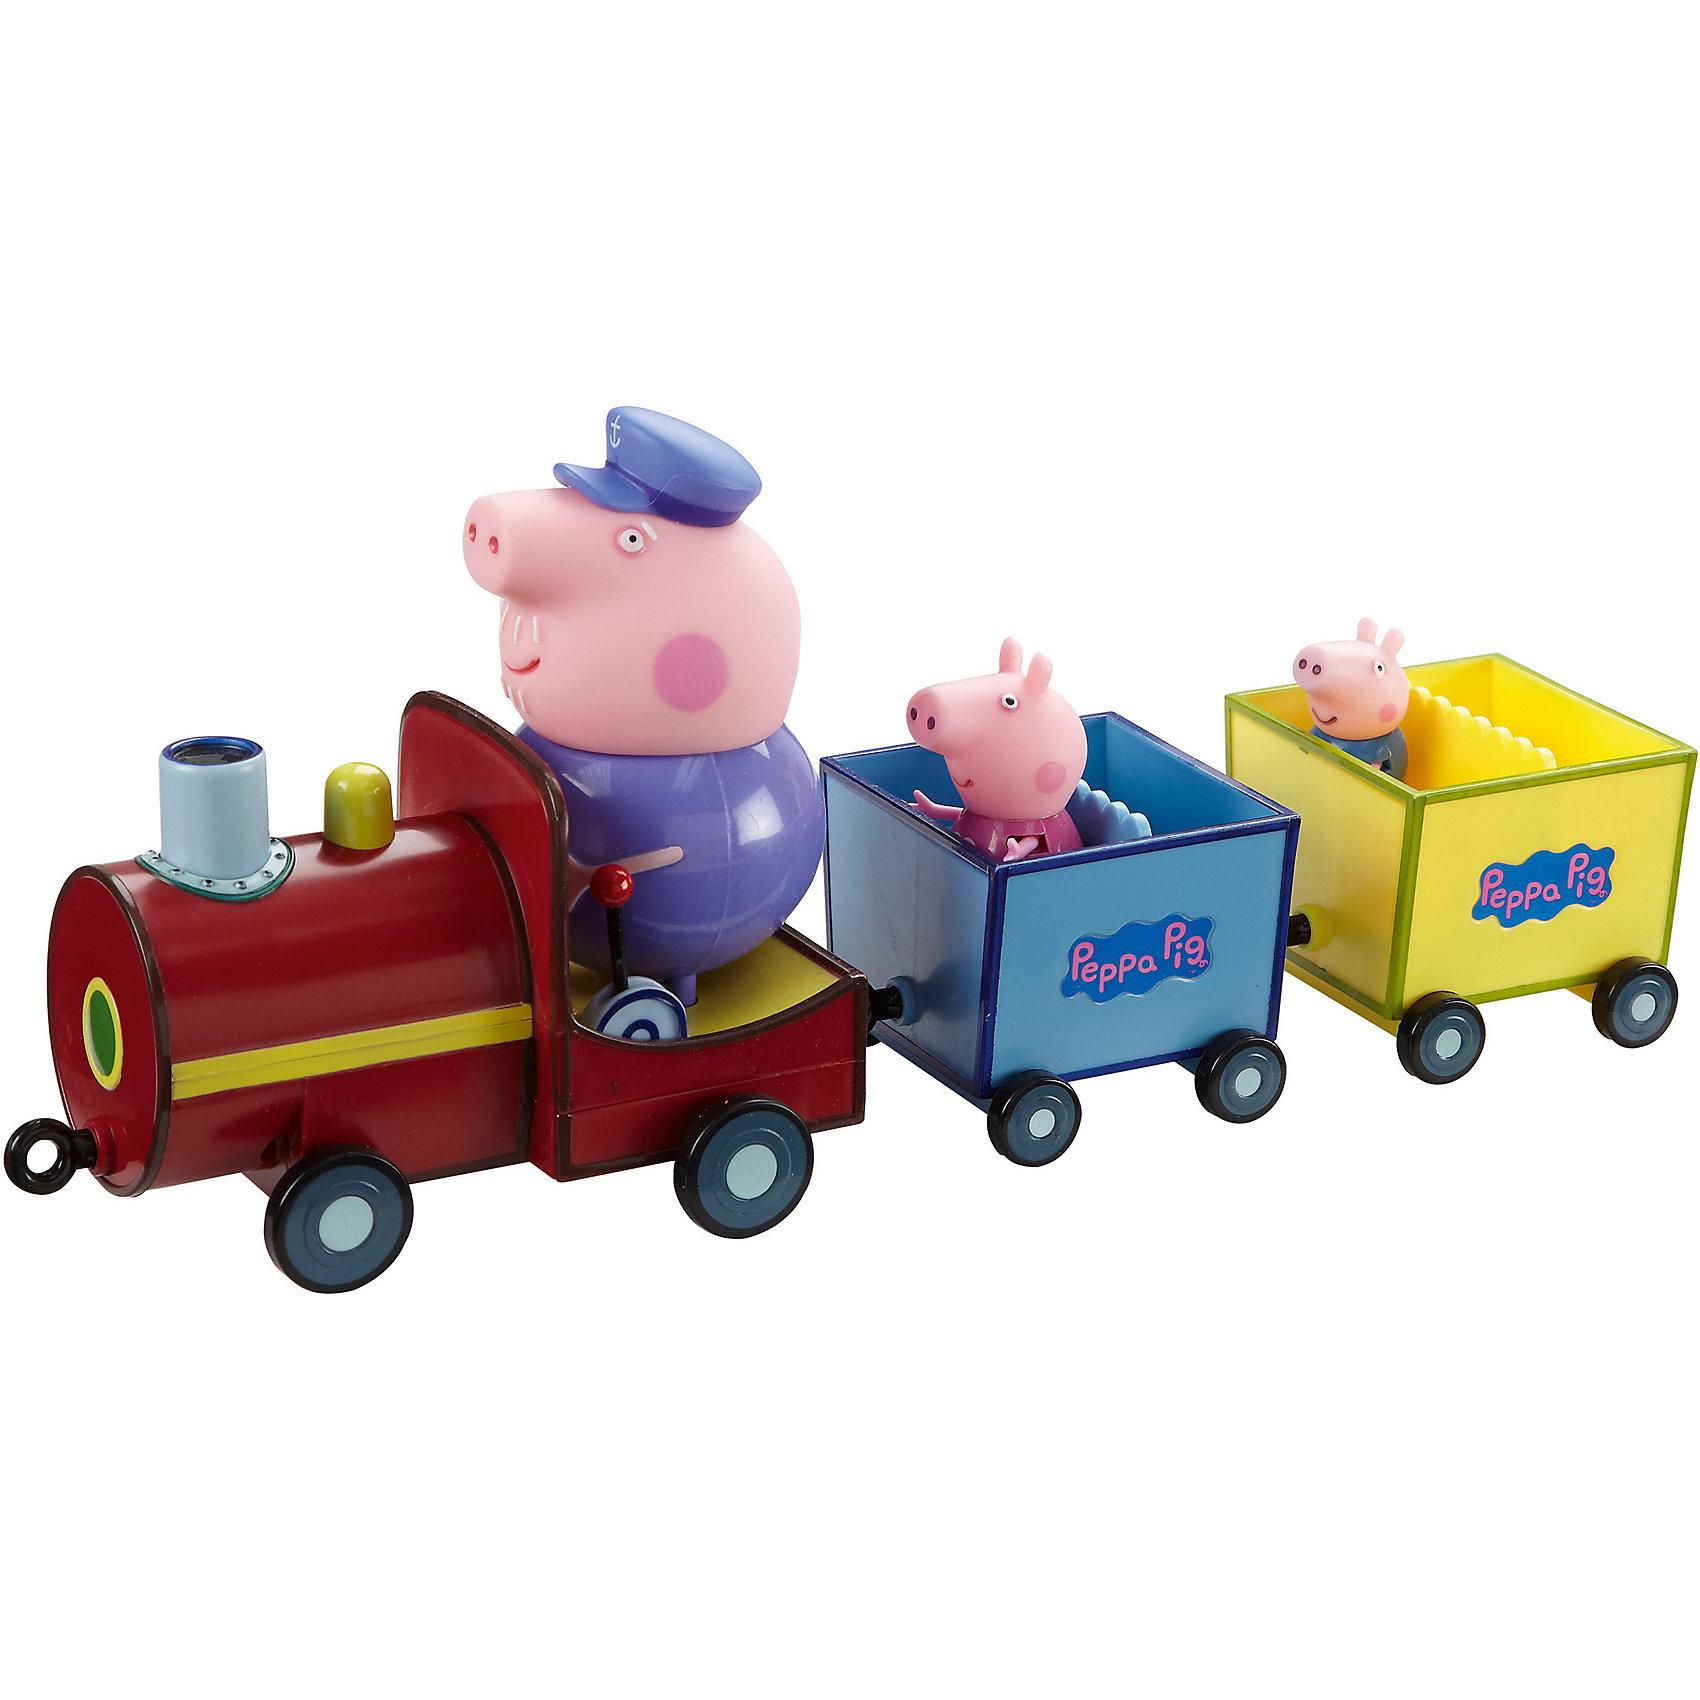 Музыкальный паровозик дедушки Пеппы, Свинка ПеппаИгрушки<br>Музыкальный паровозик дедушки Пеппы, Свинка Пеппа - красочная веселая игрушка, которая порадует всех юных поклонников популярного мультсериала Свинка Пеппа (Peppa Pig). Пеппа и Джордж отправились в путешествие на музыкальном паровозике, который ведет их дедушка. К паровозику прицеплены два открытых вагончика, куда можно<br>посадить фигурки Пеппы и Джорджа, они могут сидеть, стоять, двигать ручками и ножками. Фигурка дедушки в паровозике несъемная, при нажатии на его голову воспроизводятся<br>фразы и песенка из мультфильма. Увлекательная игрушка подарит детям удовольствие, помогая им осваивать навыки общения, приобщаться к семейным ценностям и развивать<br>фантазию. <br><br>Дополнительная информация:<br><br>- В комплекте: паровозик, 2 вагончика, фигурки Пеппы и Джорджа съемные, фигурка дедушки не съемная.<br>- Материал: пластик.<br>- Требуются батарейки: 3 х ААА (в набор не входят).<br>- Размер фигурок: Пеппа - 5 см., Джордж - 4 см.<br>- Размер упаковки: 35 х 16 х 11  см. <br>- Вес: 0,45 кг.<br><br>Музыкальный паровозик дедушки Пеппы, Свинка Пеппа можно купить в нашем интернет-магазине.<br><br>Ширина мм: 500<br>Глубина мм: 25<br>Высота мм: 525<br>Вес г: 1000<br>Возраст от месяцев: 36<br>Возраст до месяцев: 84<br>Пол: Унисекс<br>Возраст: Детский<br>SKU: 3930282